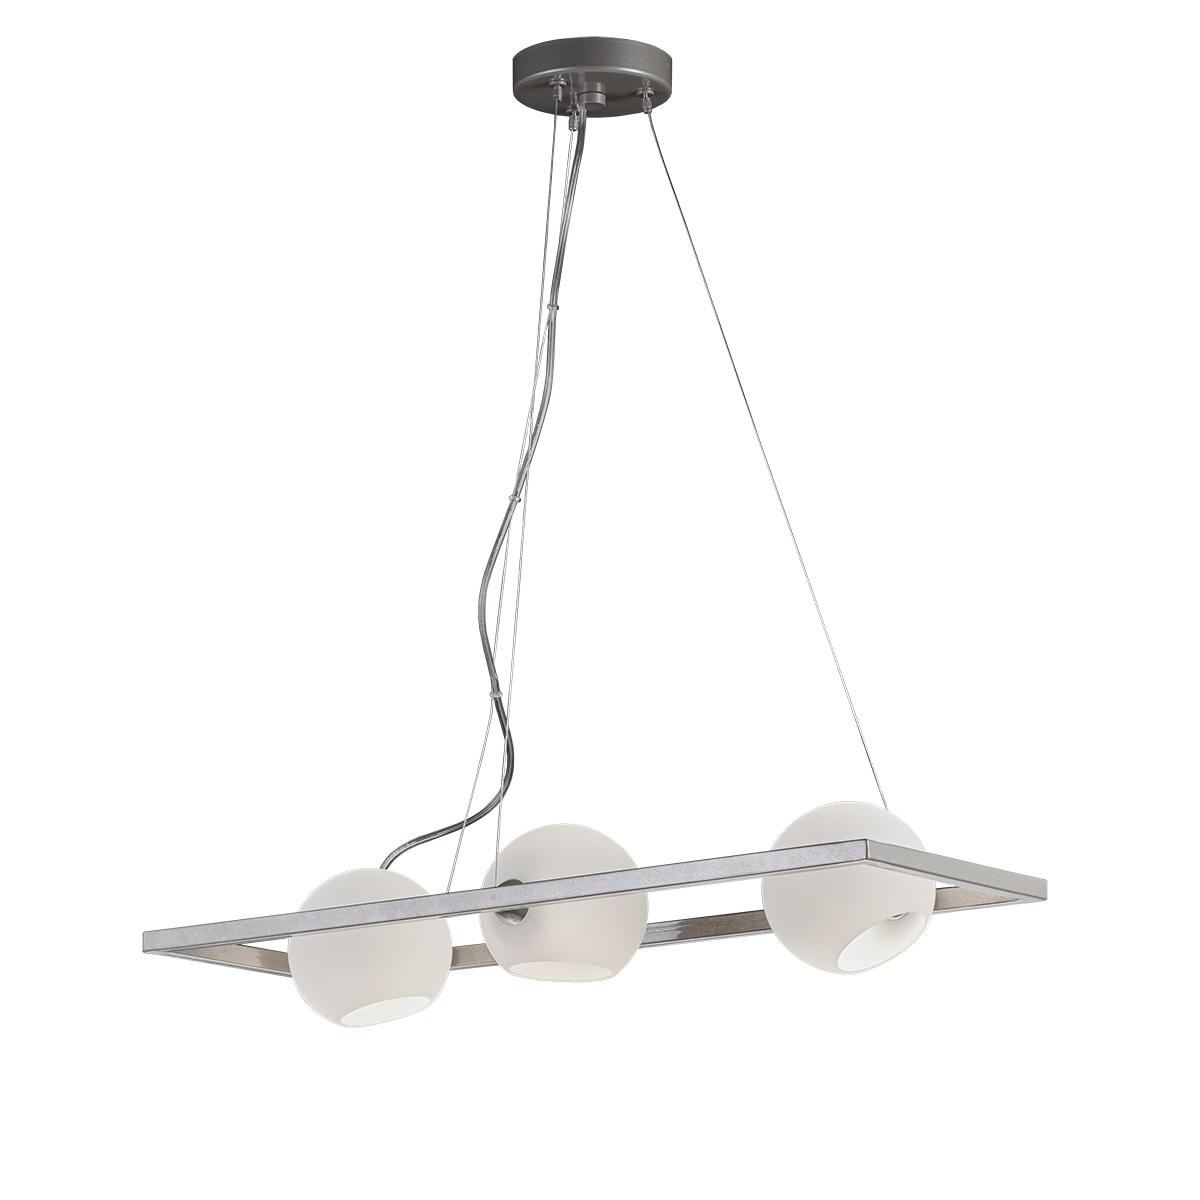 Μοντέρνο πολύφωτο με Μουράνο ΜΠΑΛΕΣ modern chandelier with Murano